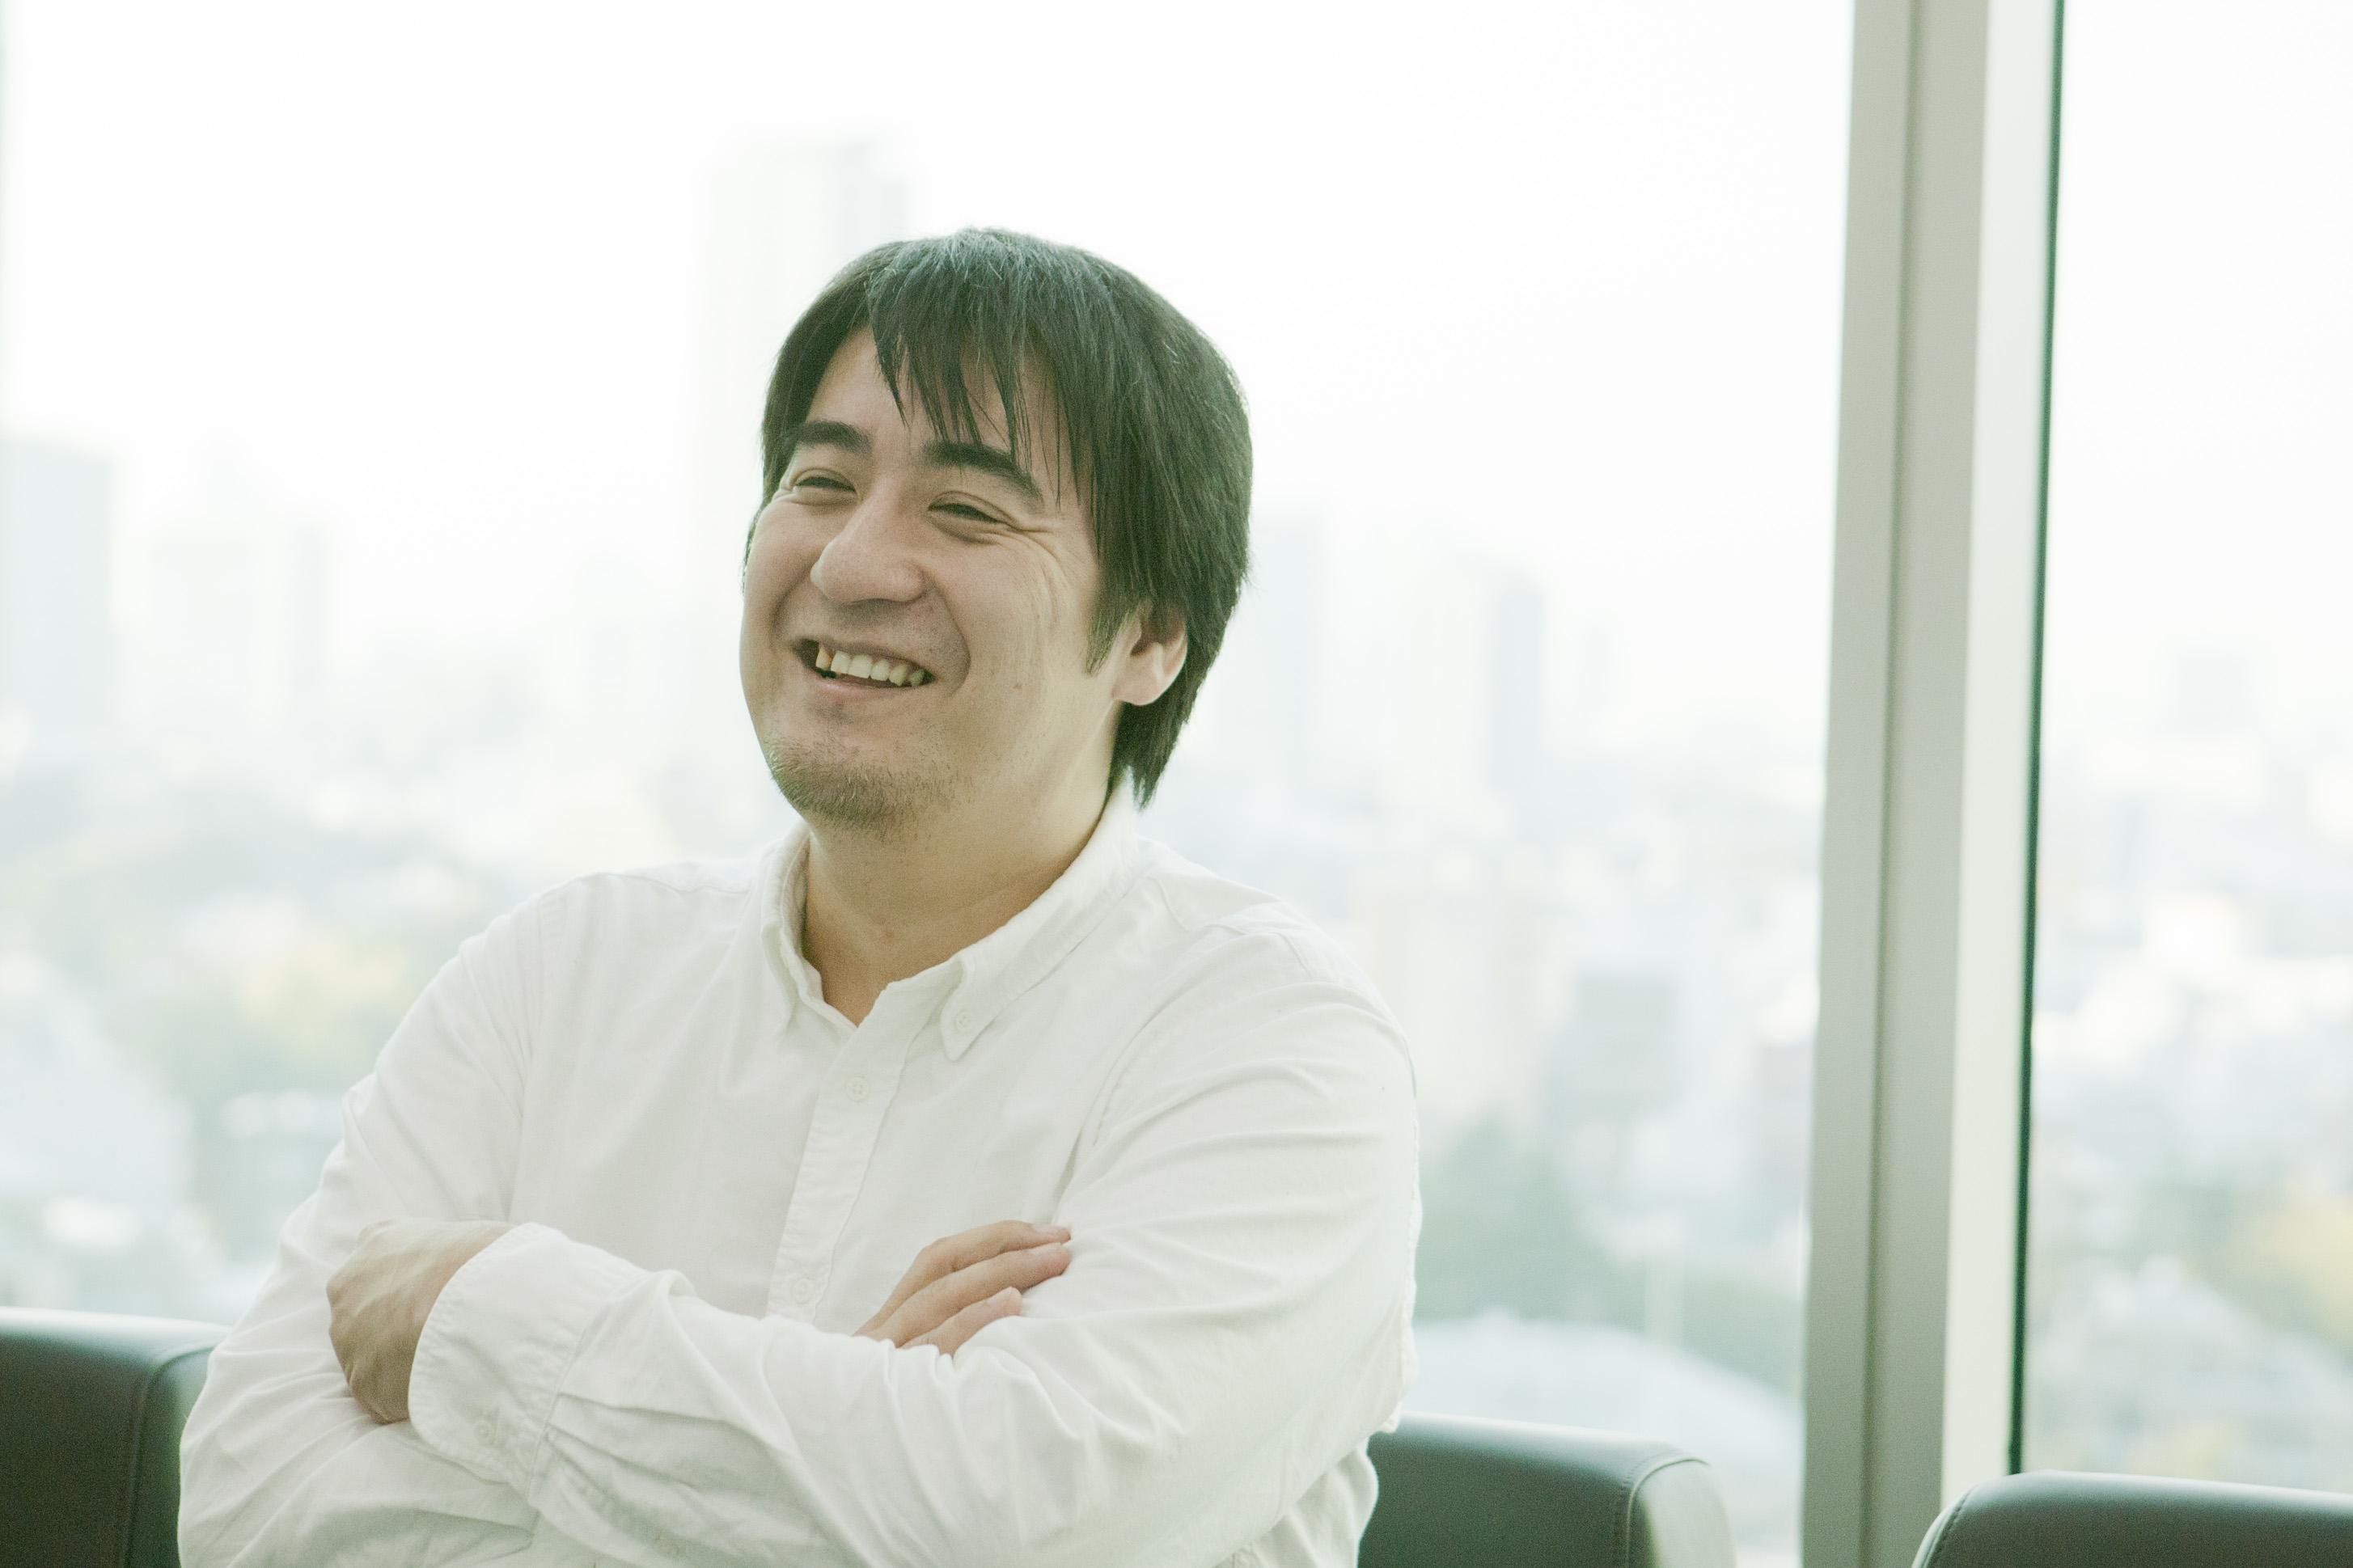 テレビ東京佐久間プロデューサー写真